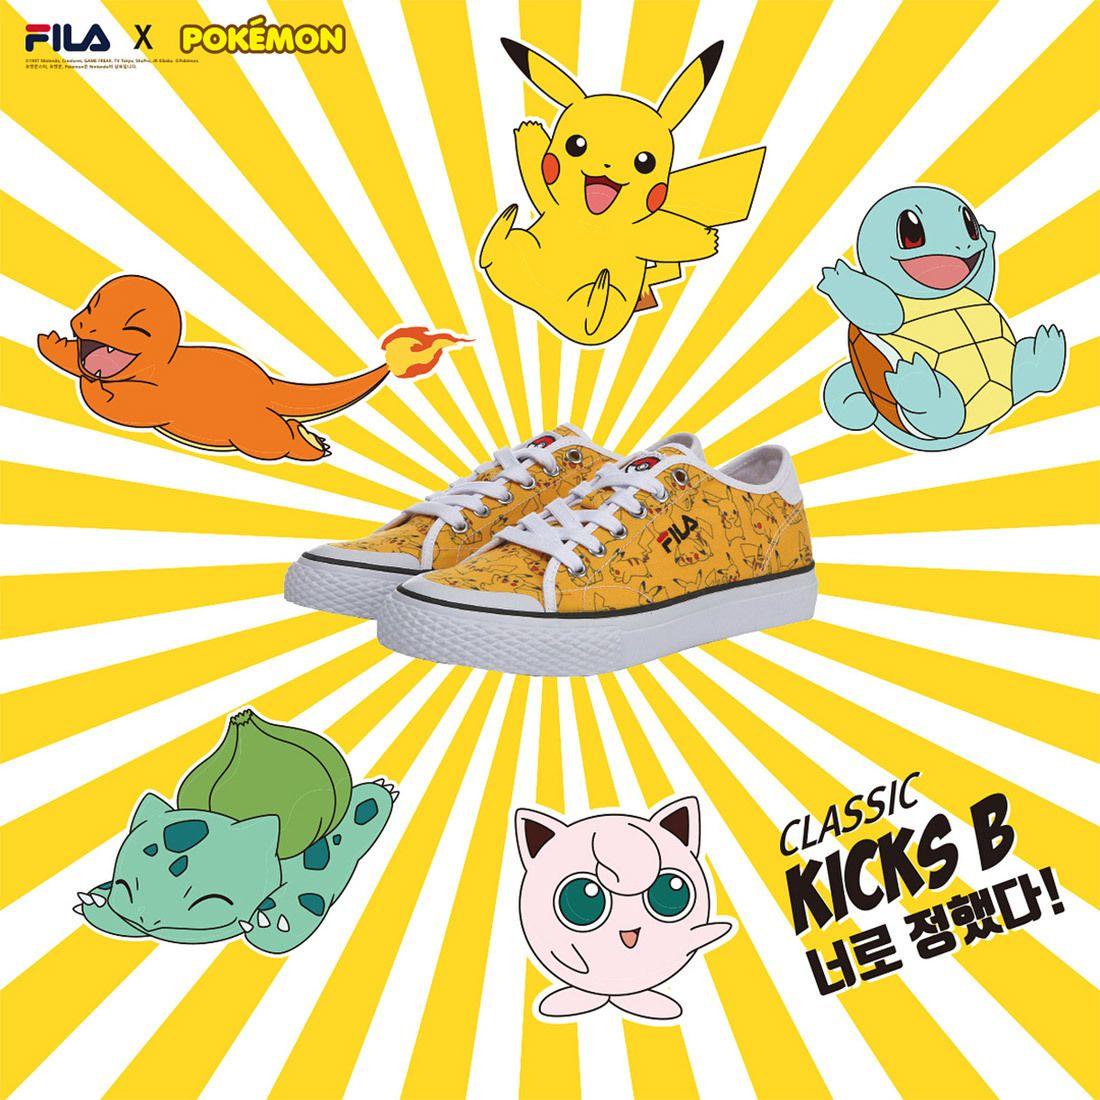 Pokemon X Fila Sneakers Classic Kicks B Sneaker Freaker 1